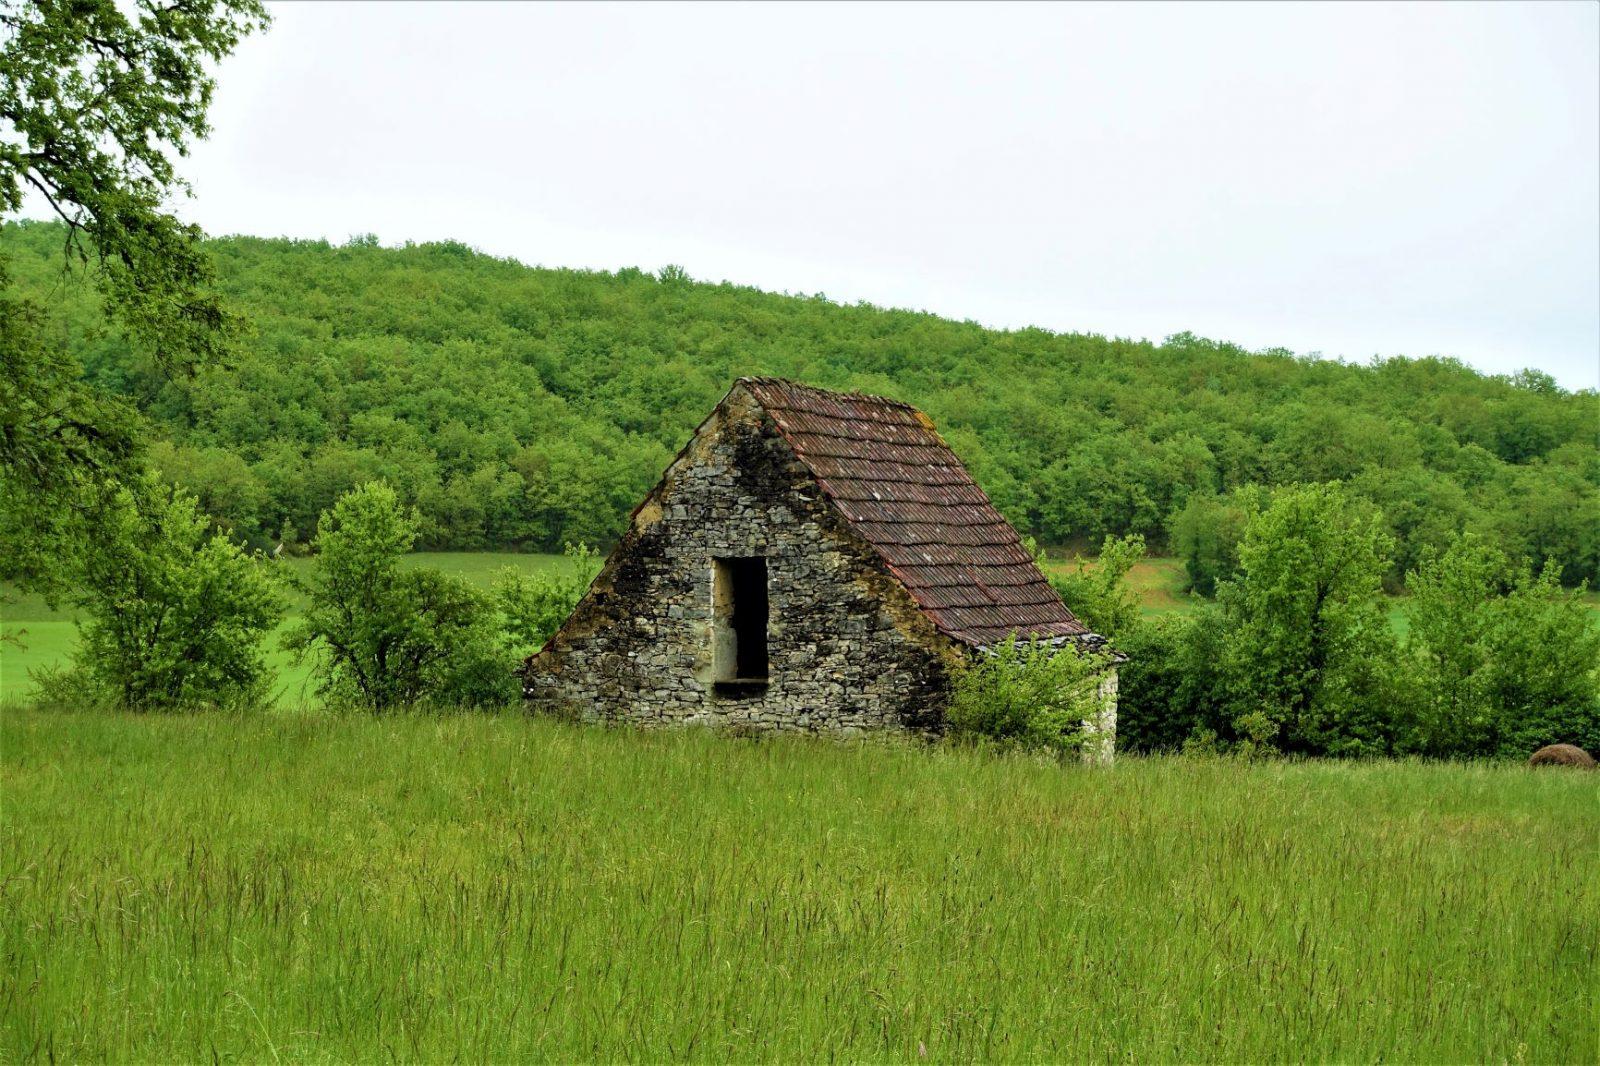 et veldig gammelt steinhus frankrike